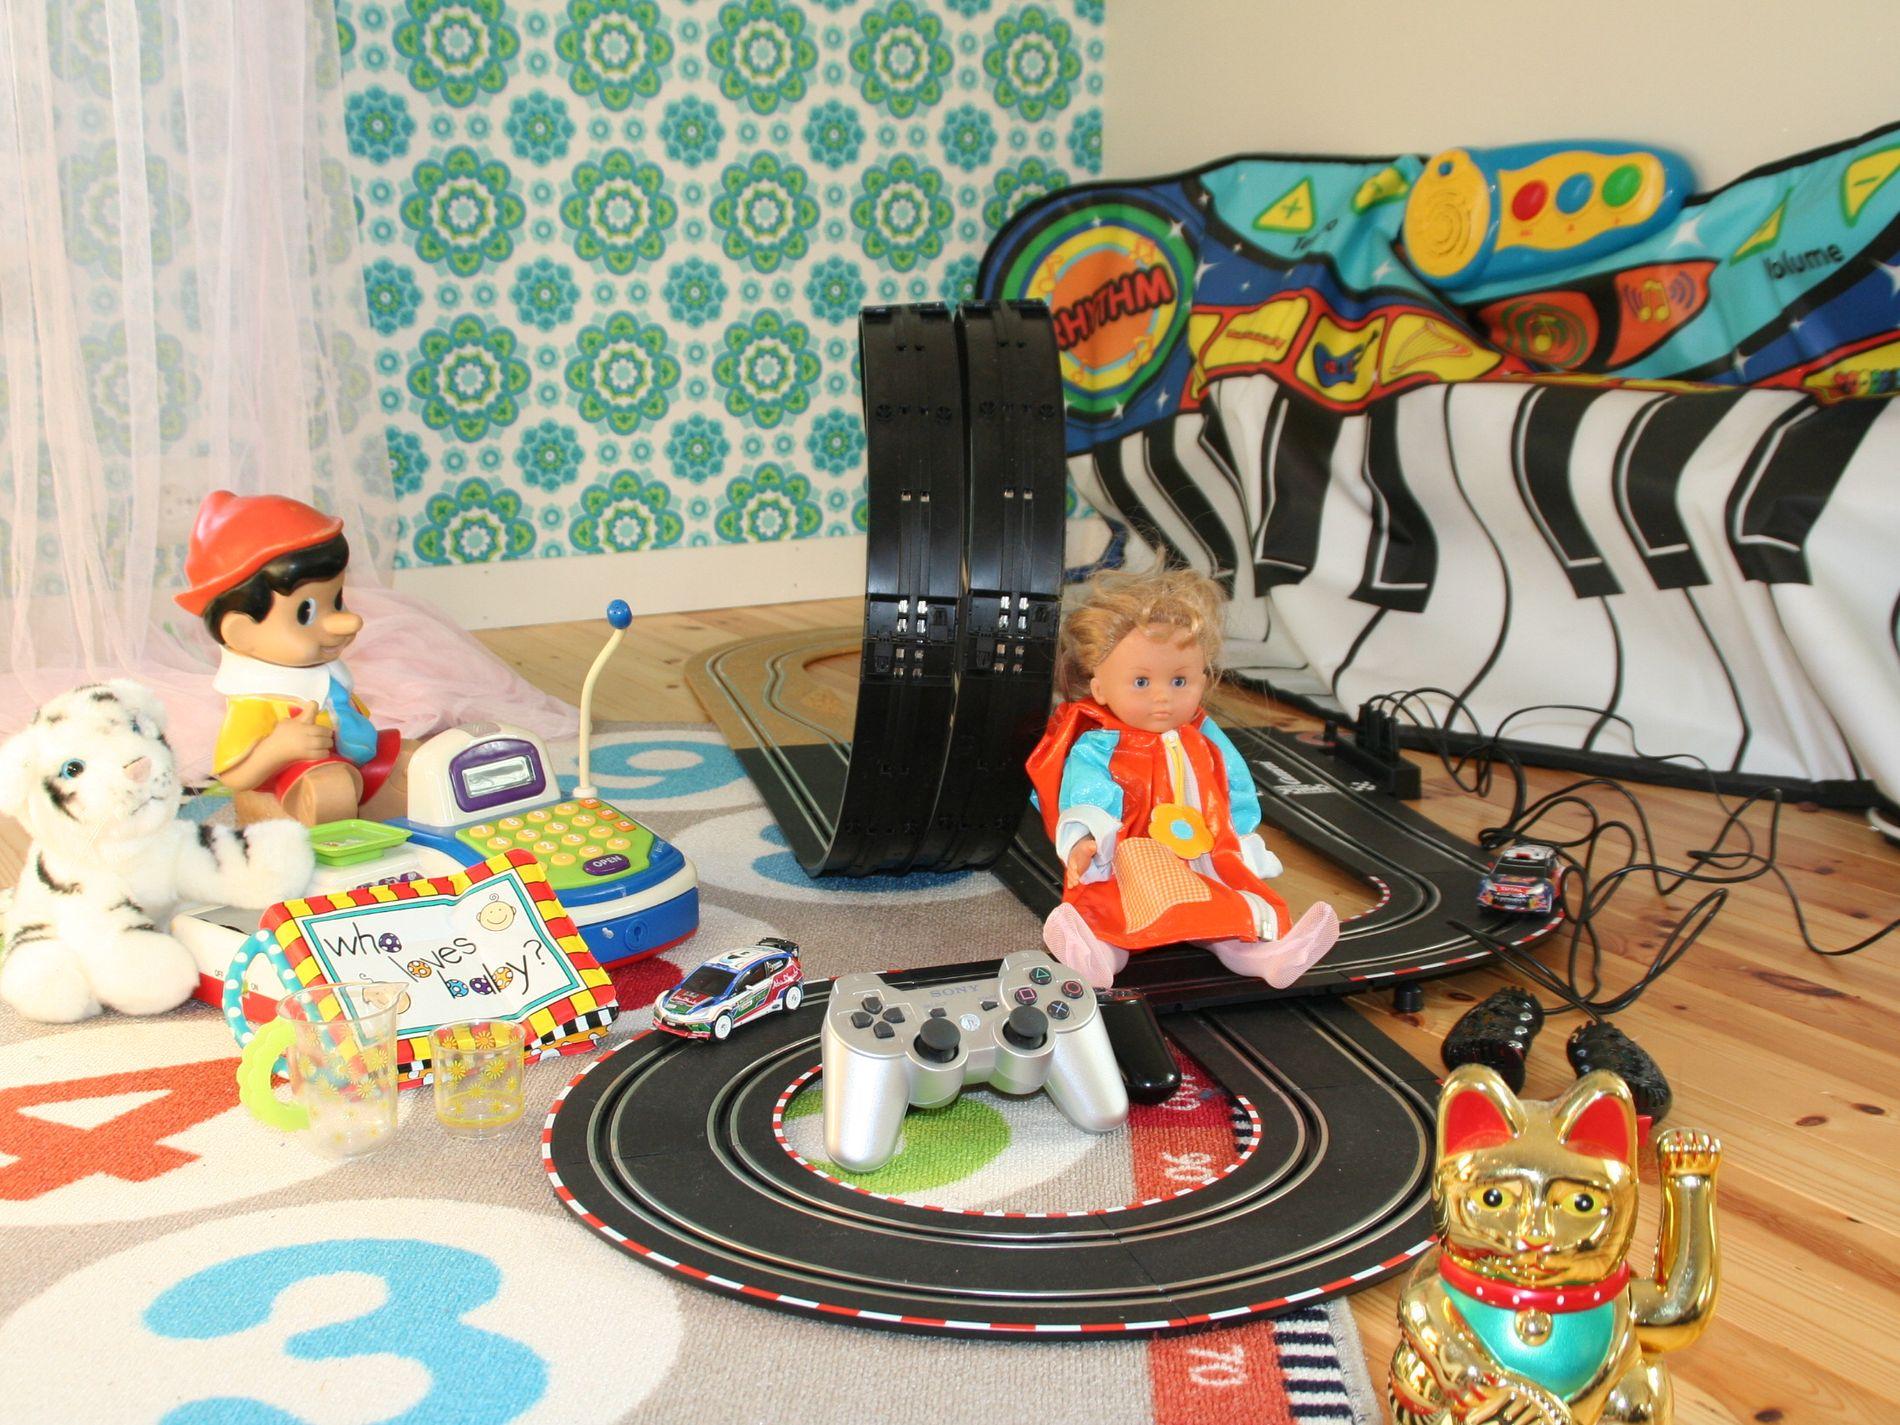 Sjekk at du ikke har helseskadelige leker på barnerommet